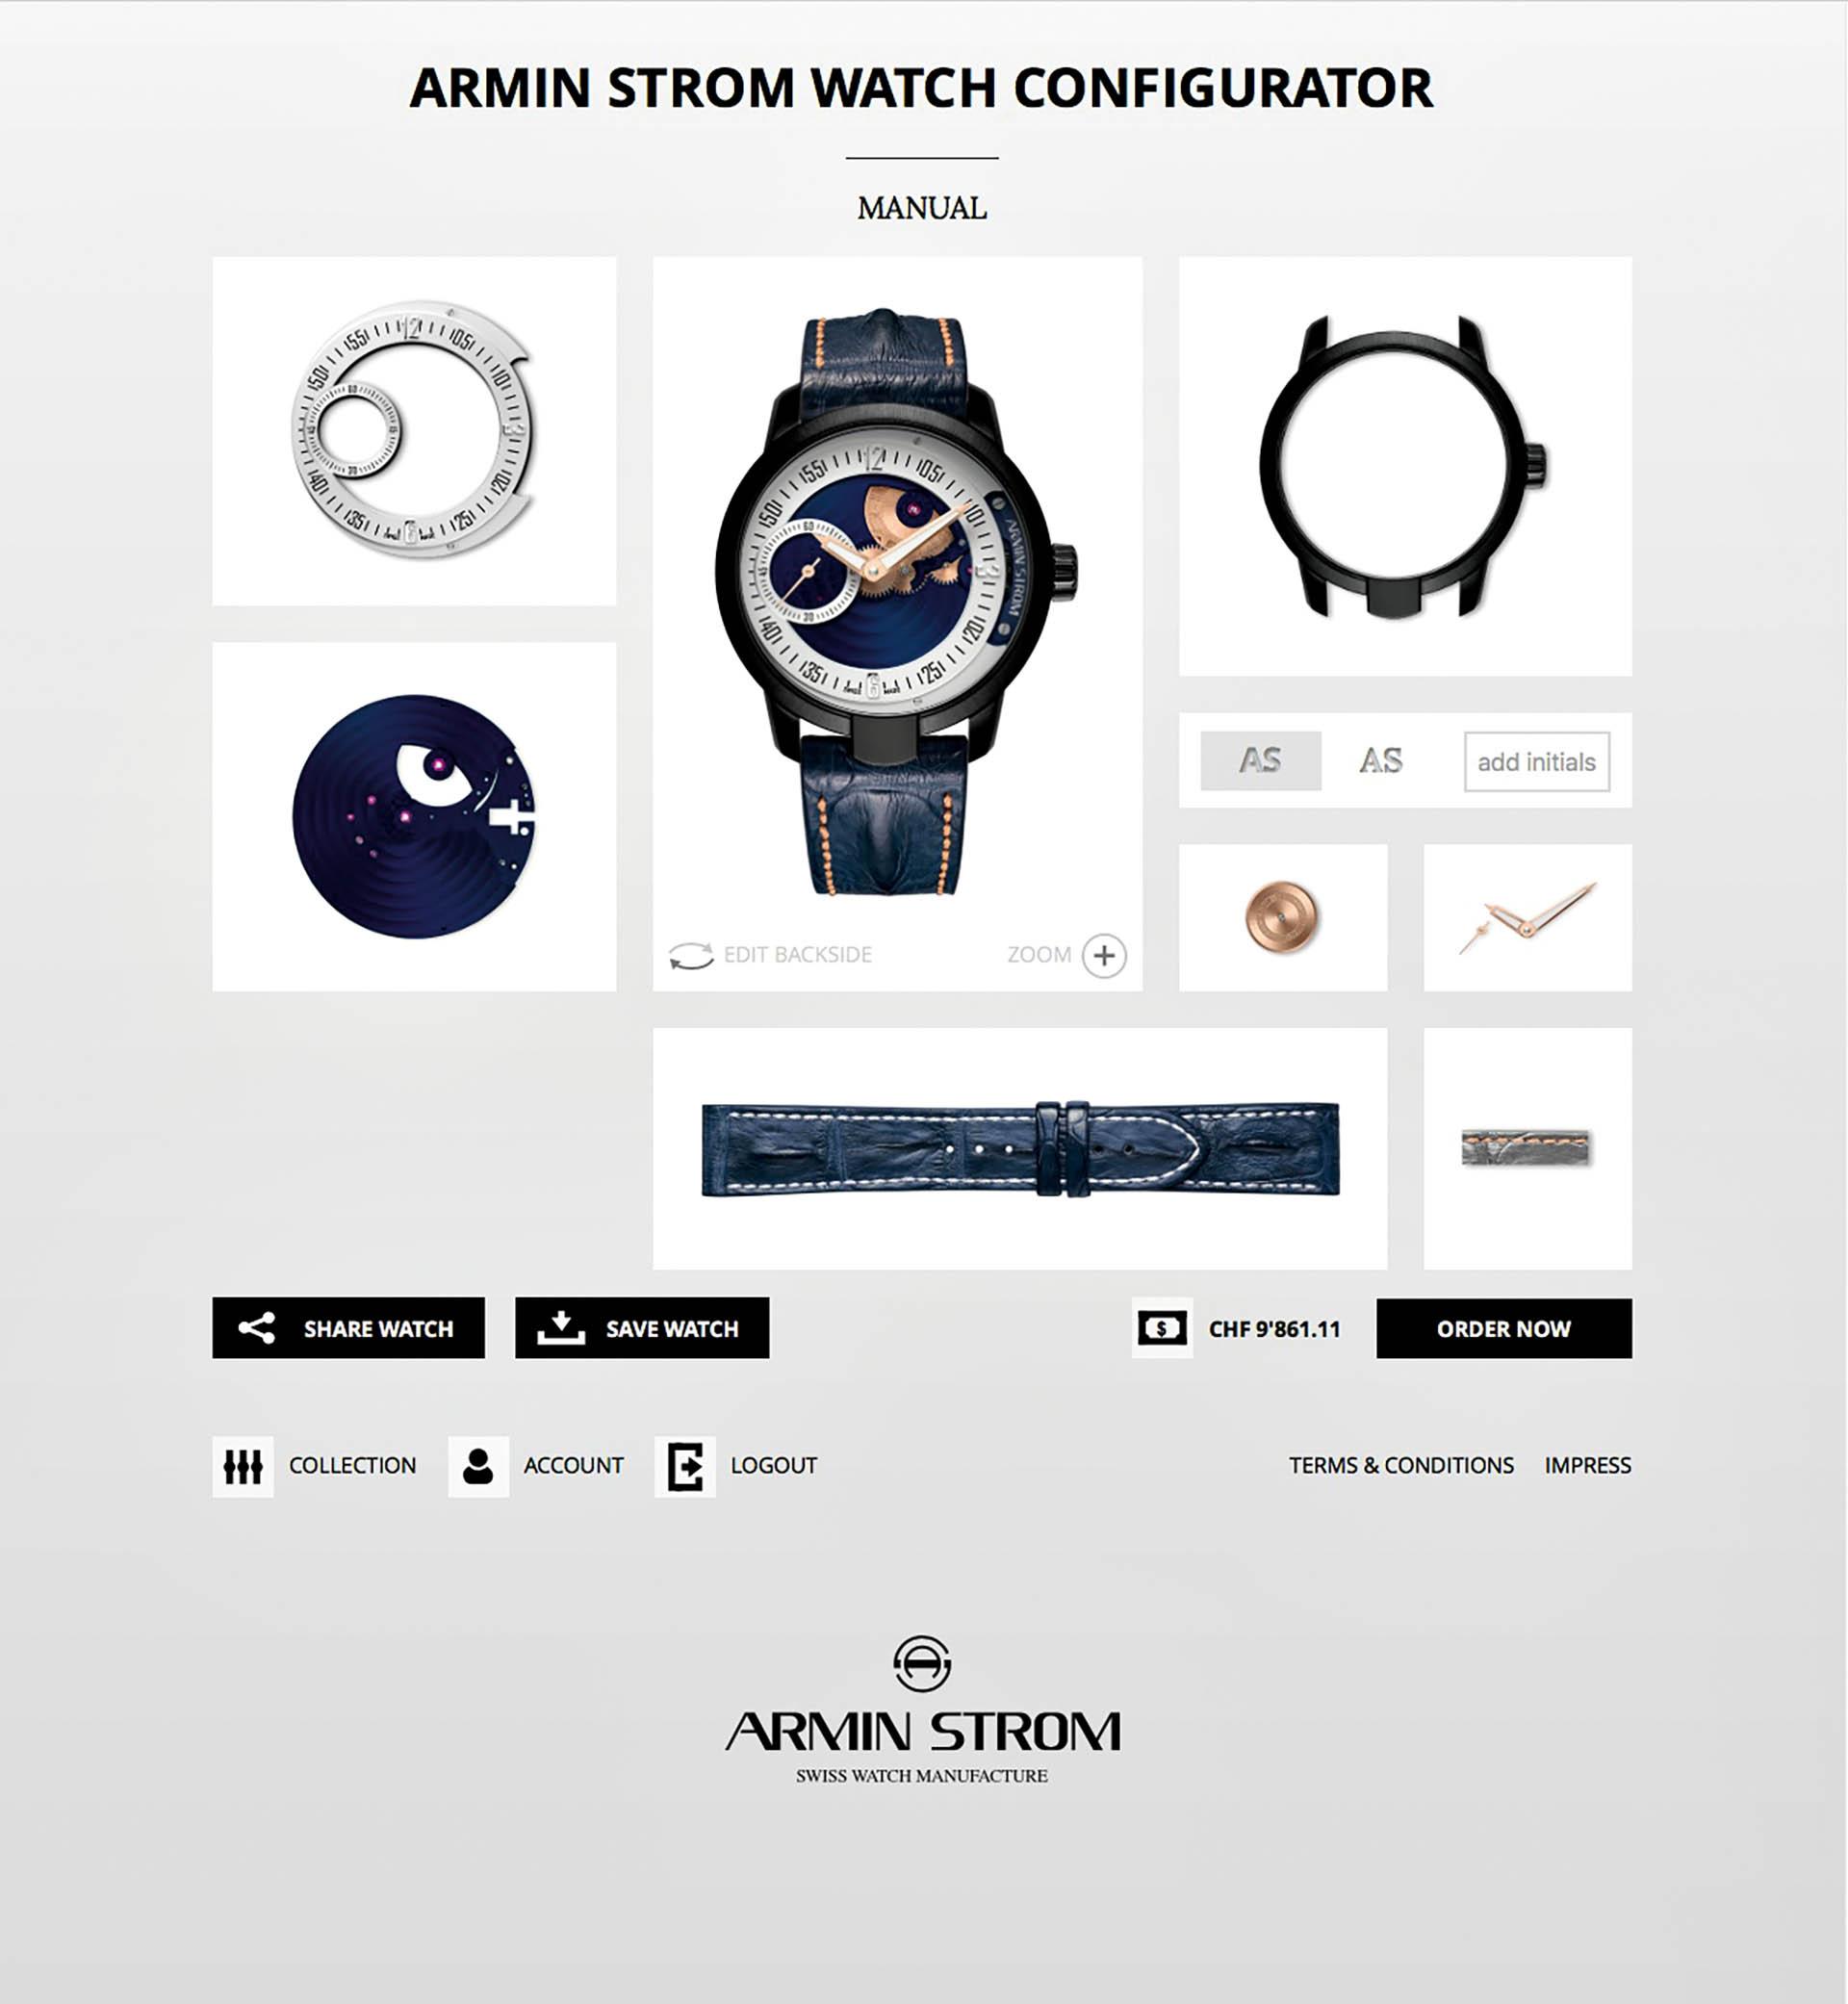 Da alle wesentlichen Teile von Uhrwerk und Gehäuse aus der eigenen Manufaktur stammen, können bei Armin Strom fast alle Wünsche berücksichtigt werden.